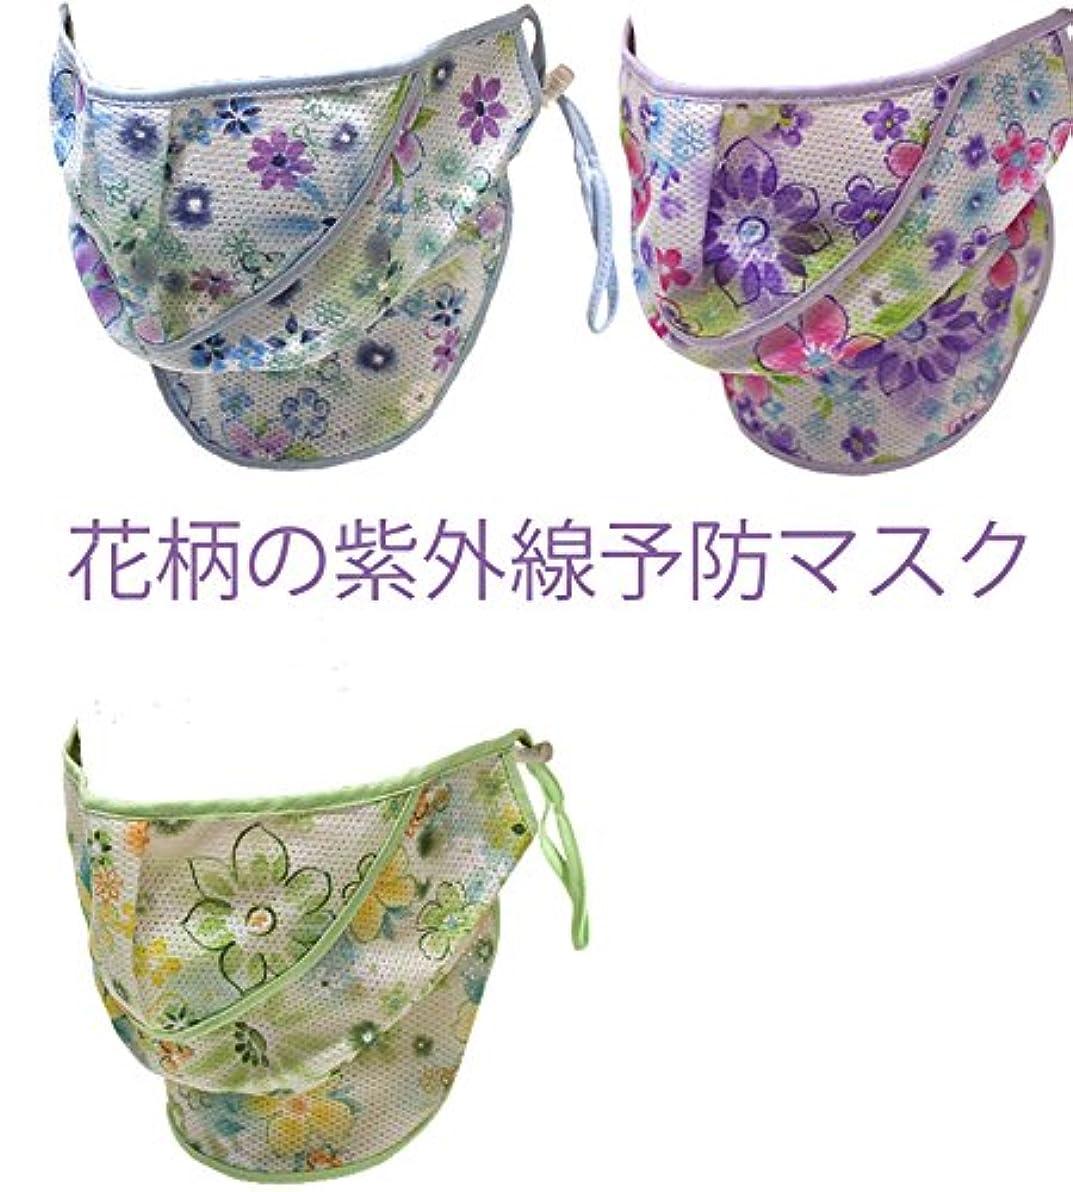 特権的キノコ子羊uvフェイスマスク,花柄の紫外線予防マスク、、緑色、、信頼できる韓国産